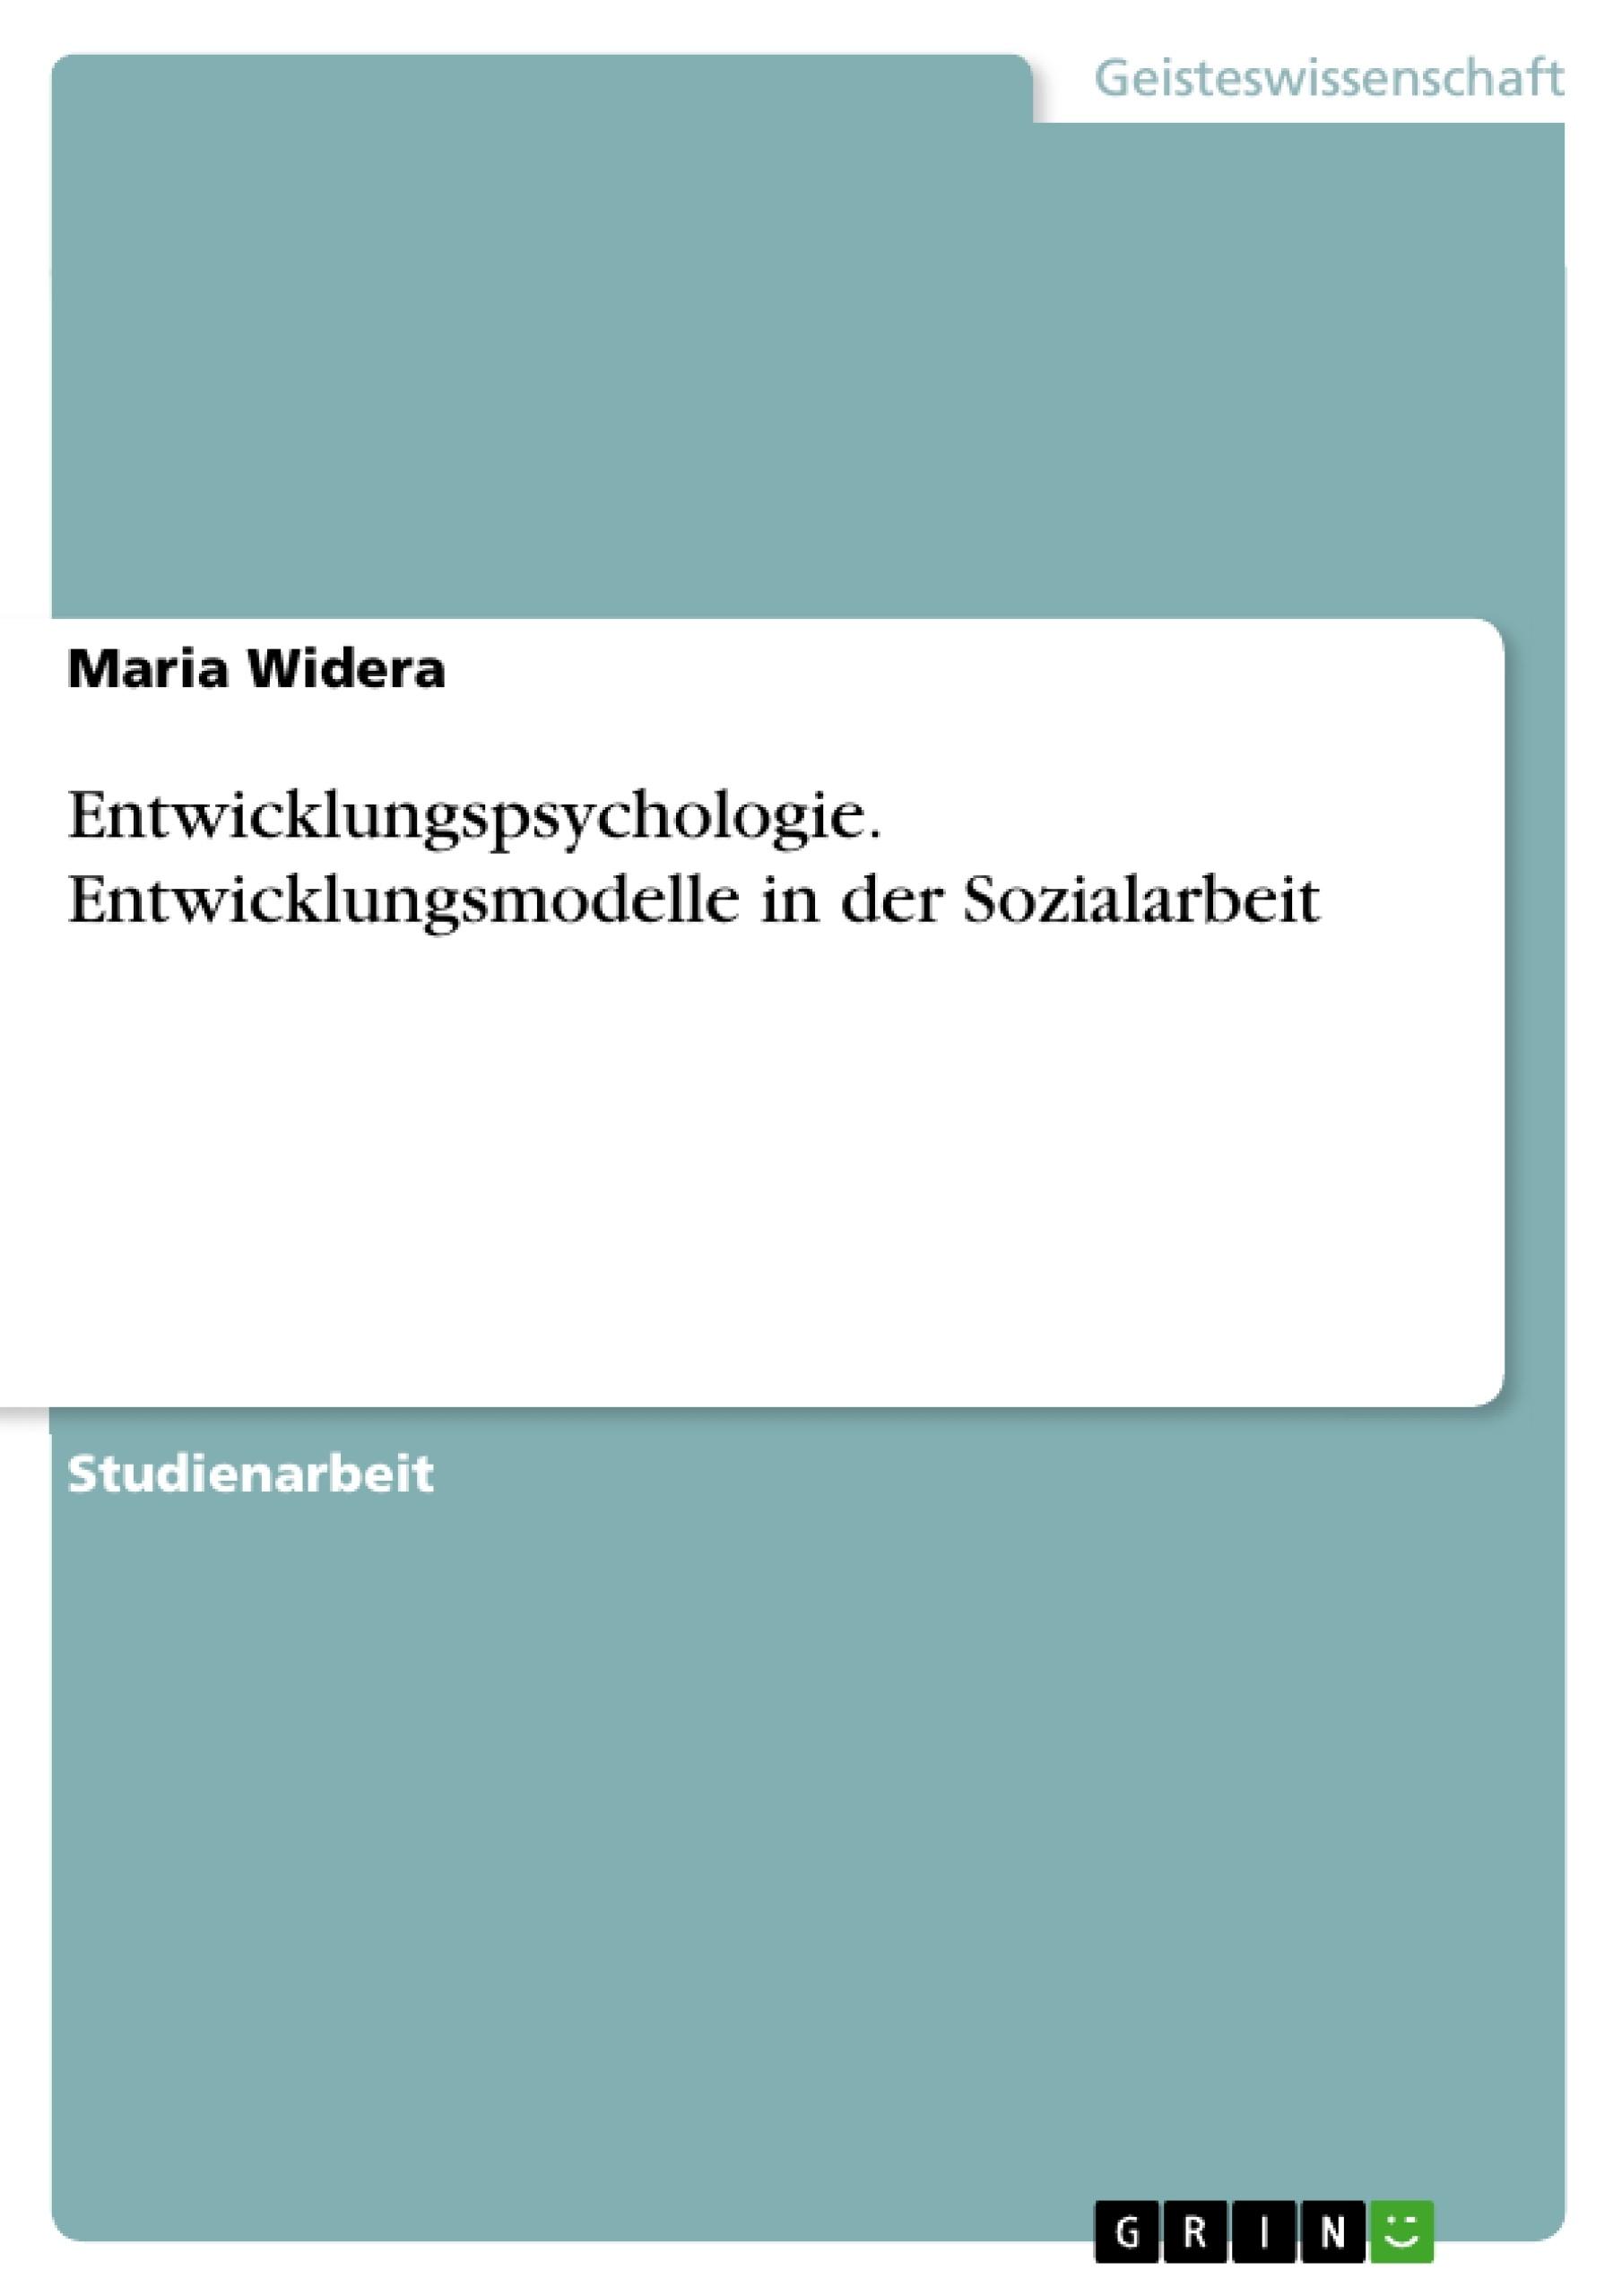 Titel: Entwicklungspsychologie. Entwicklungsmodelle in der Sozialarbeit